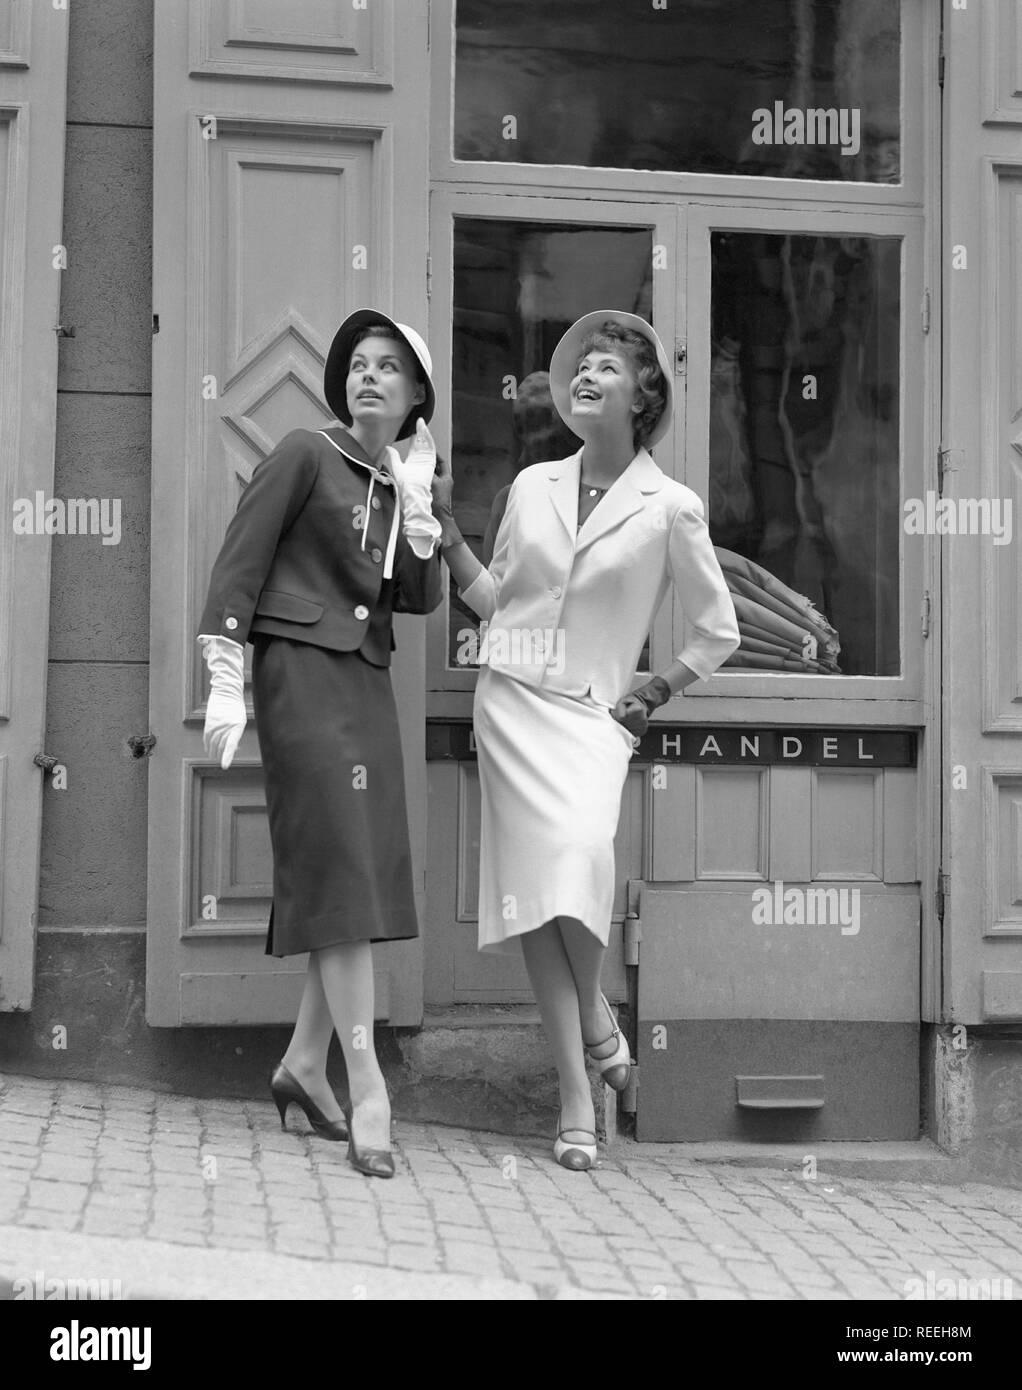 Mode in den 16er Jahren. Zwei junge Frau trägt die typischen 16er